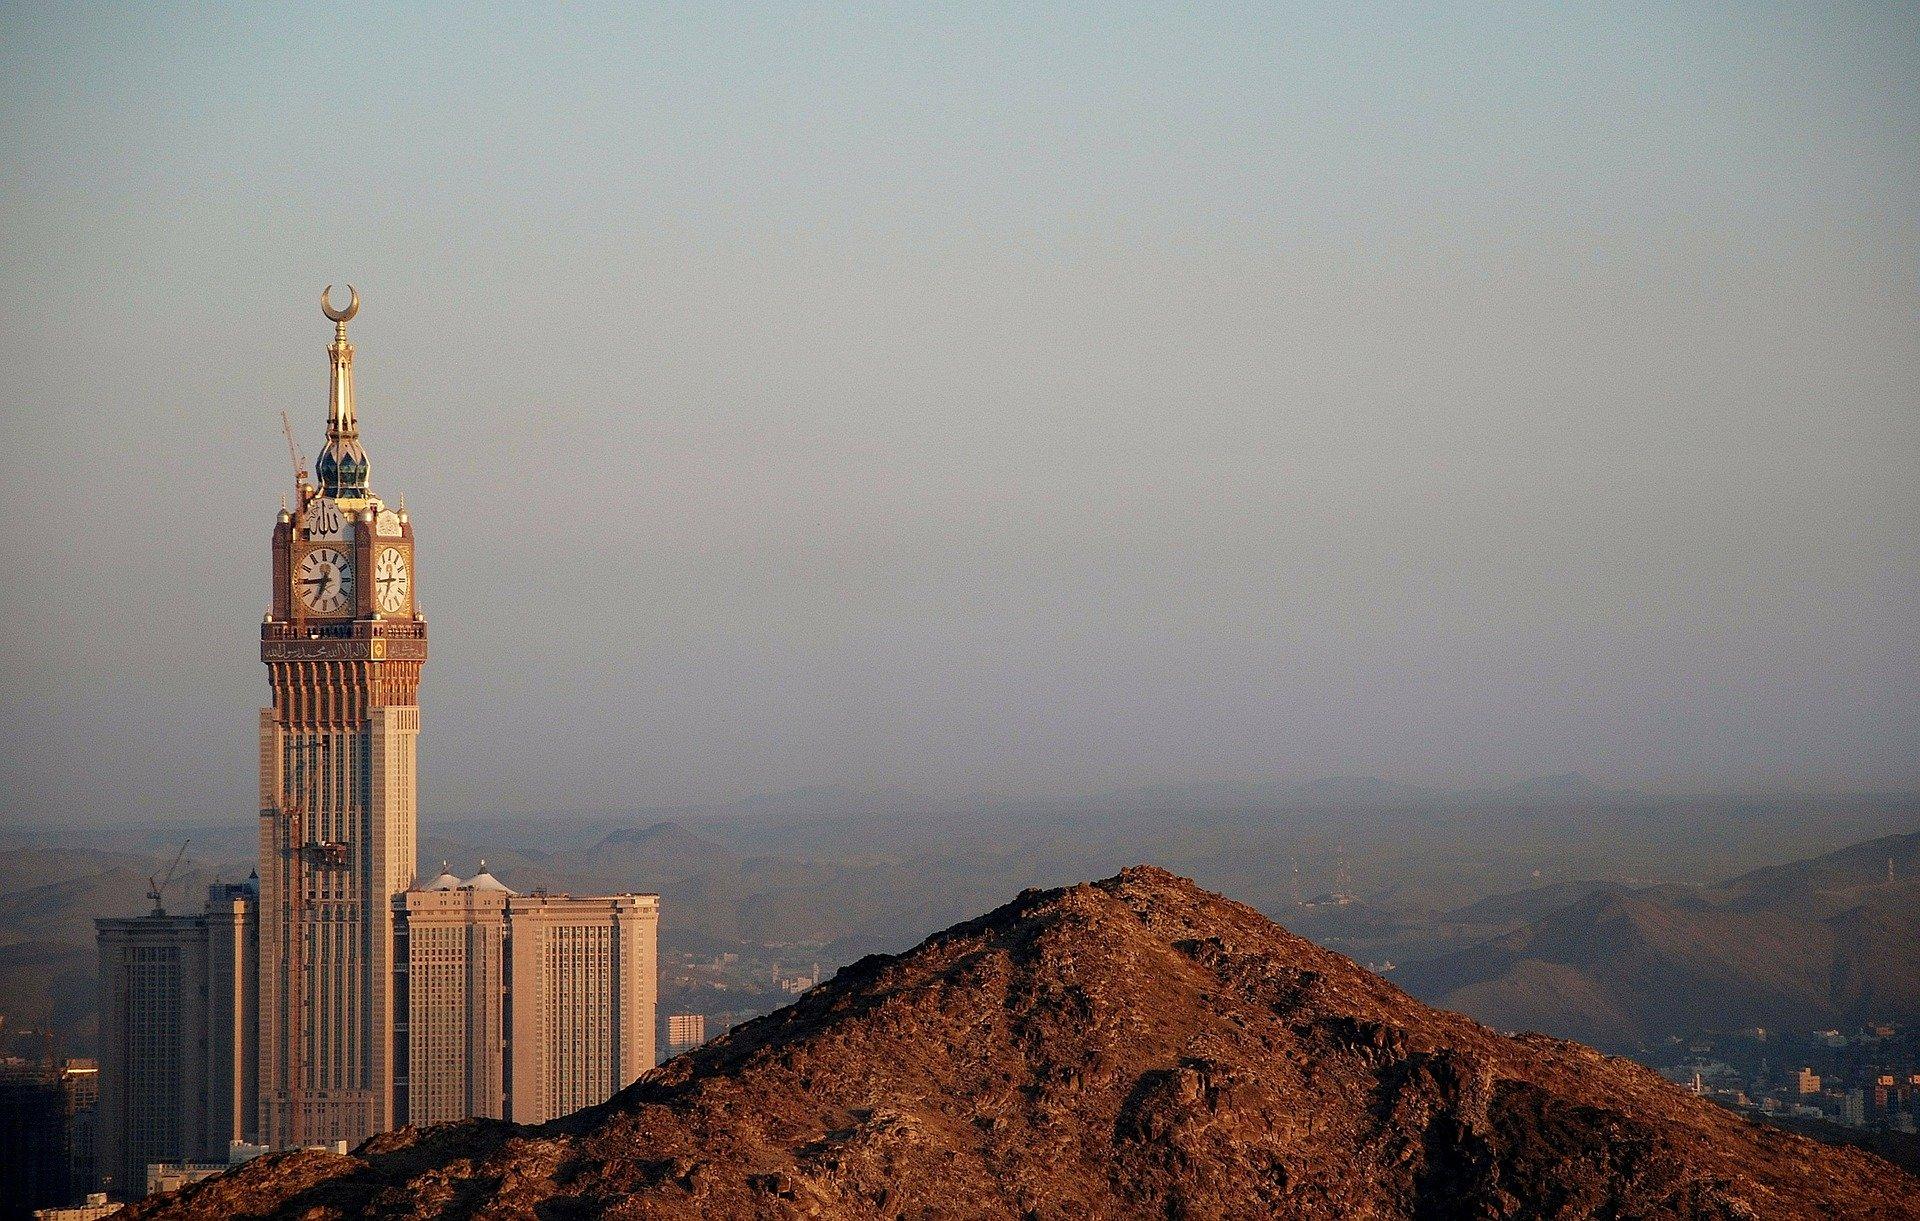 Der riesige Clock Tower von Mekka ist ein echtes Wahrzeichen